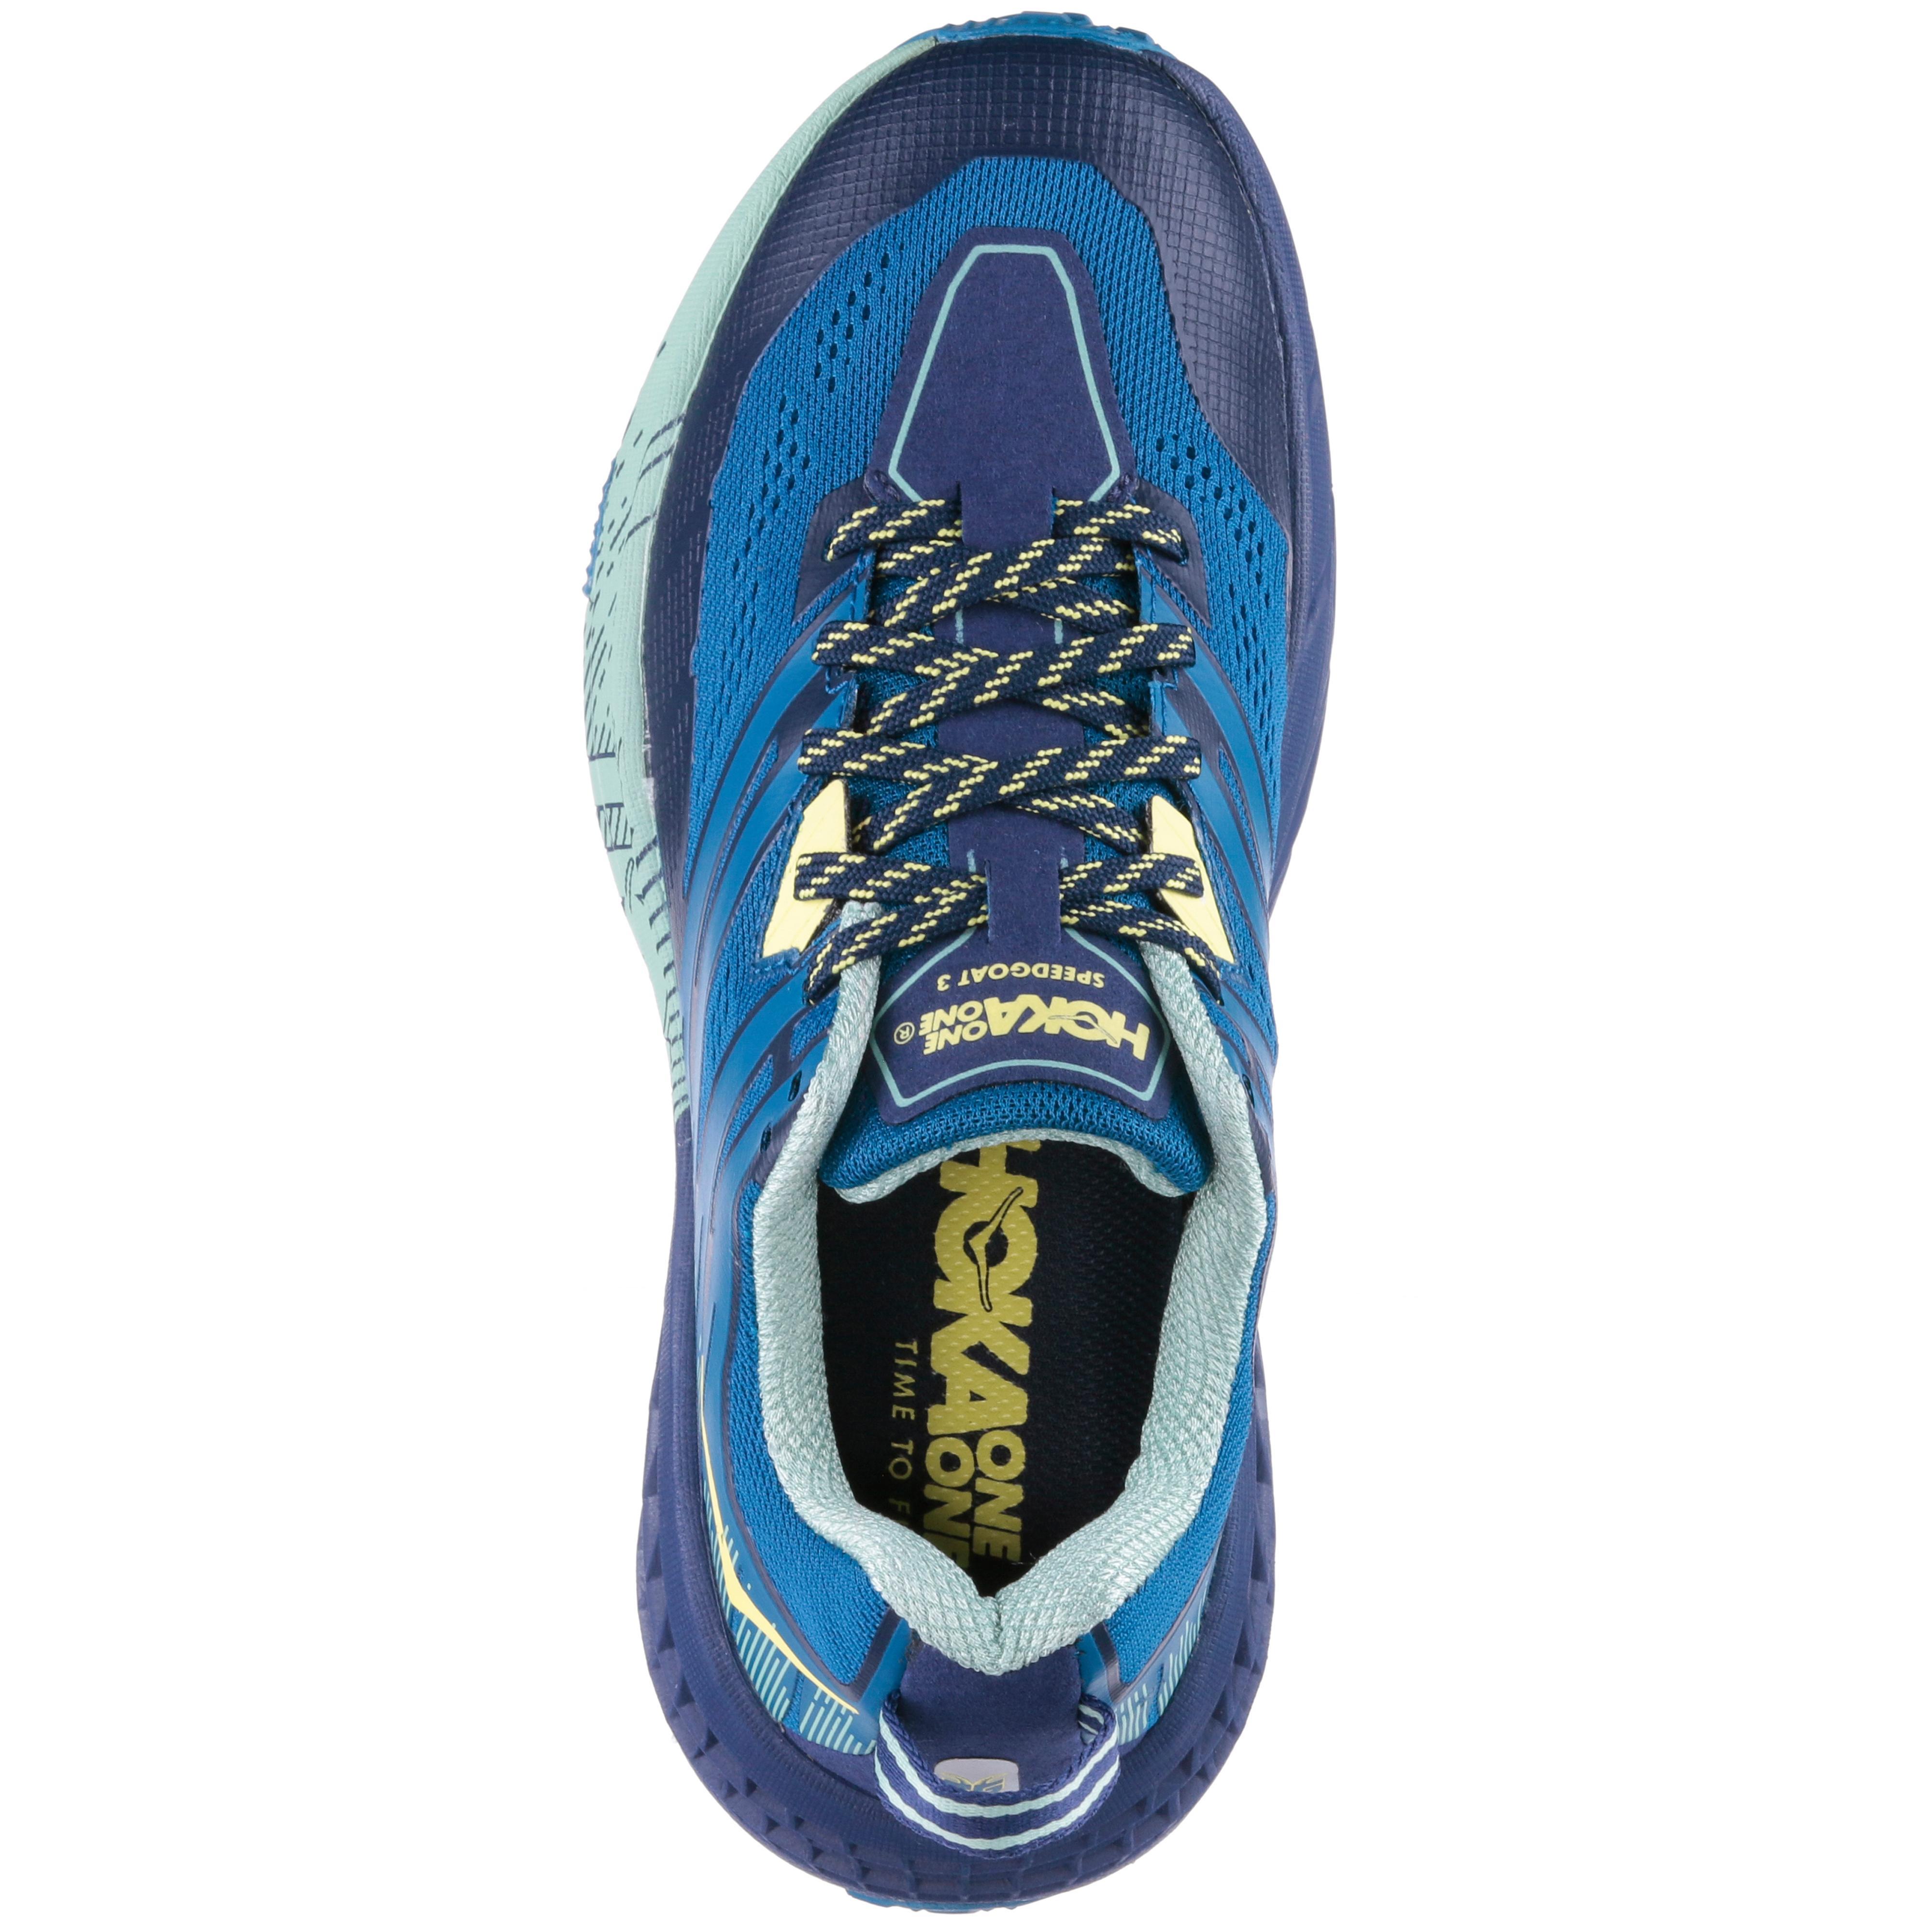 Hoka One One Speedgoat 3 Laufschuhe Laufschuhe Laufschuhe Damen seaport-medieval Blau im Online Shop von SportScheck kaufen Gute Qualität beliebte Schuhe 68ca5c